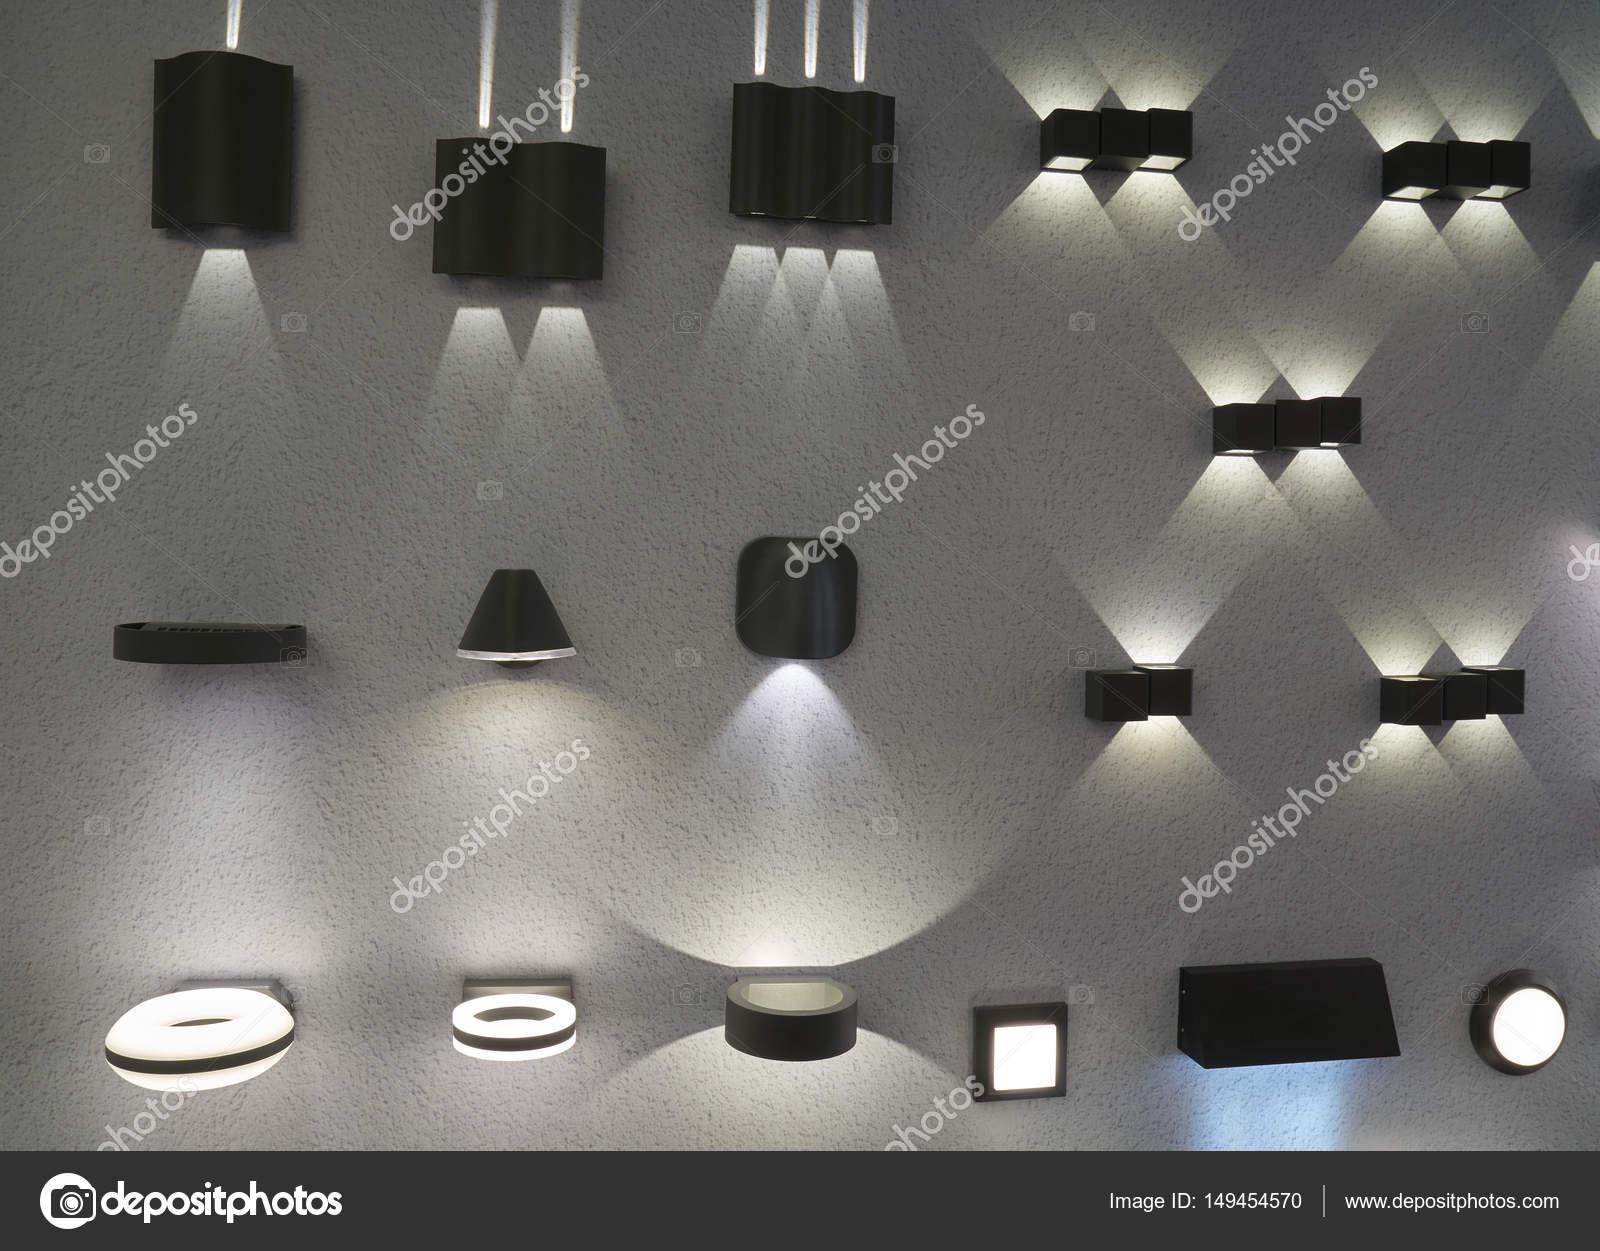 Lampade elettriche di illuminazione interna ed esterna u2014 foto stock